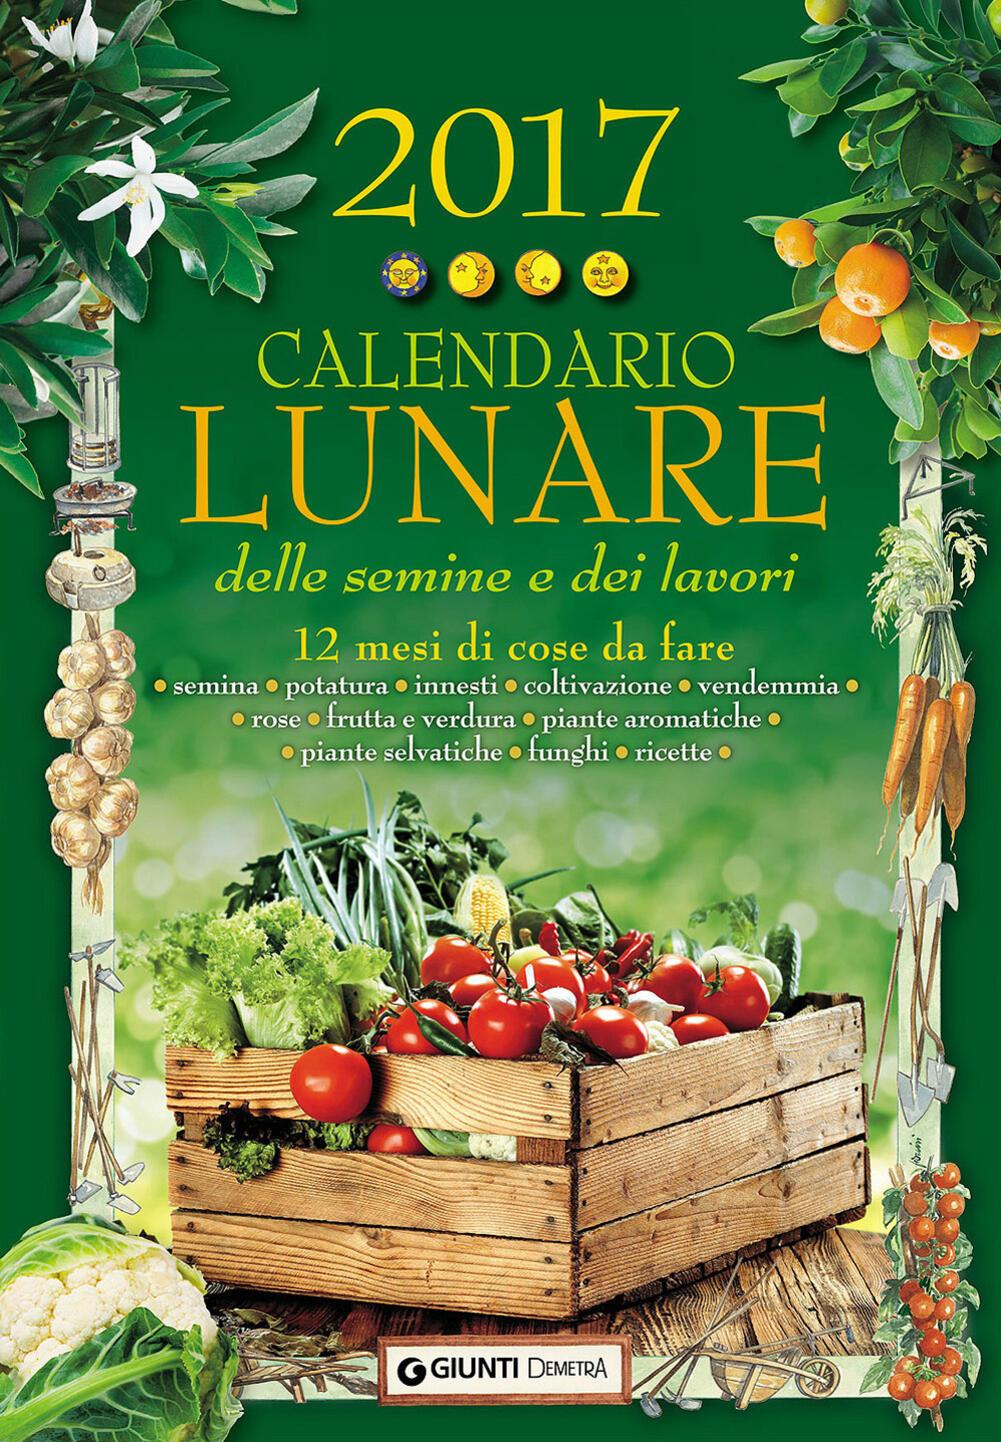 Calendario Di Semina.Libro Calendario Lunare Delle Semine E Dei Lavori 2017 12